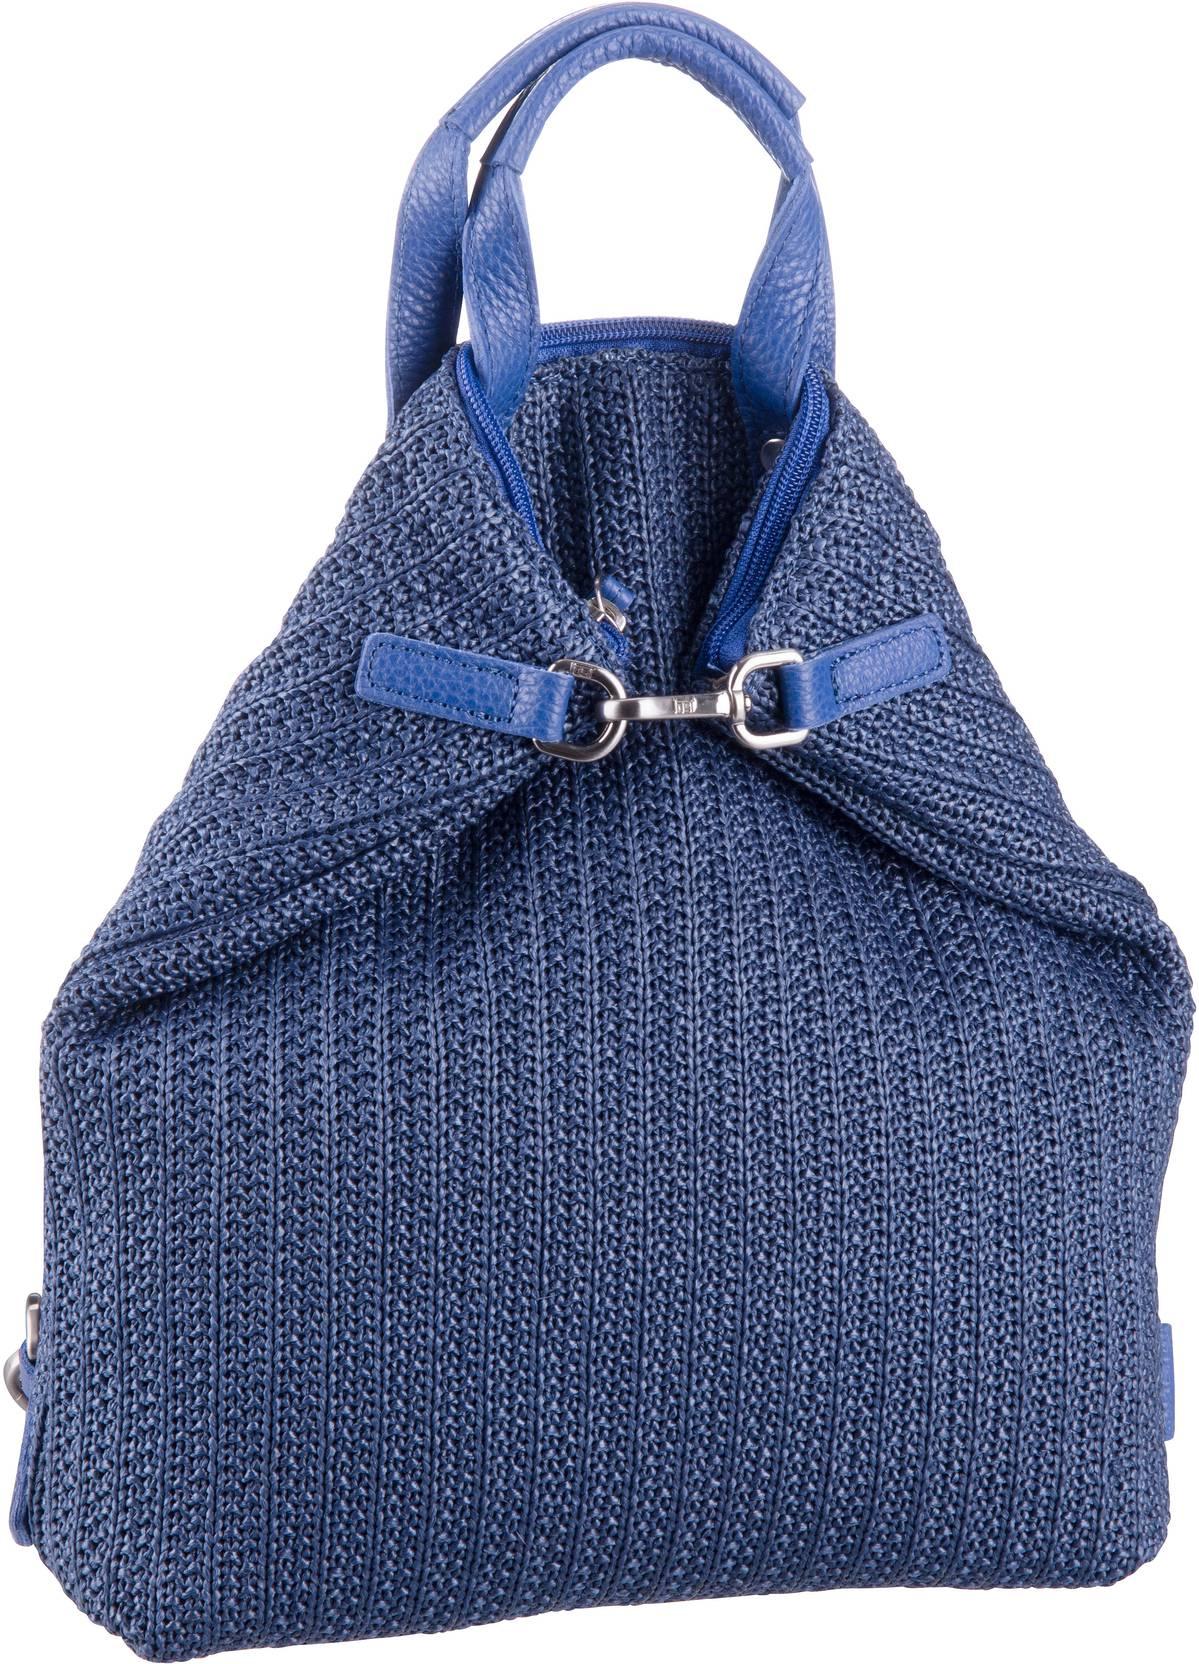 Rucksack / Daypack Nil 3546 X-Change Bag XS Blau